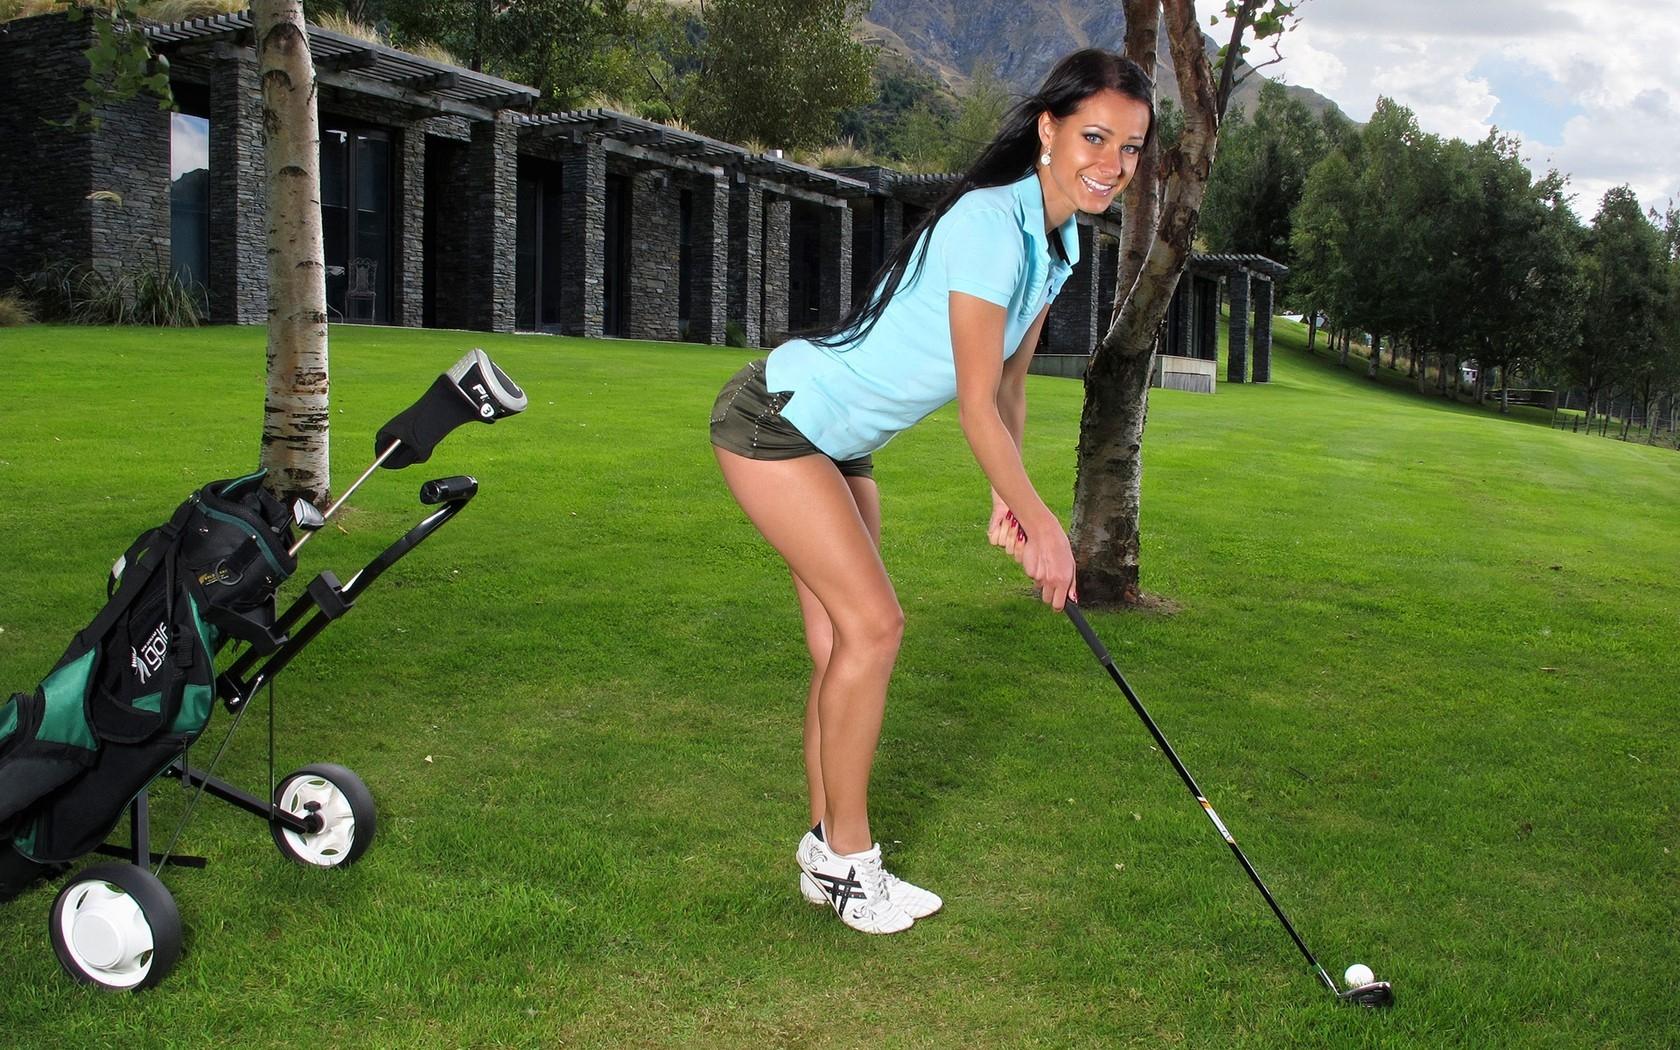 People 1680x1050 Kristina Uhrinova model women brunette golf Golf Ball golf club golf course sneakers outdoors long hair blue shirt InTheCrack 2012 (Year)